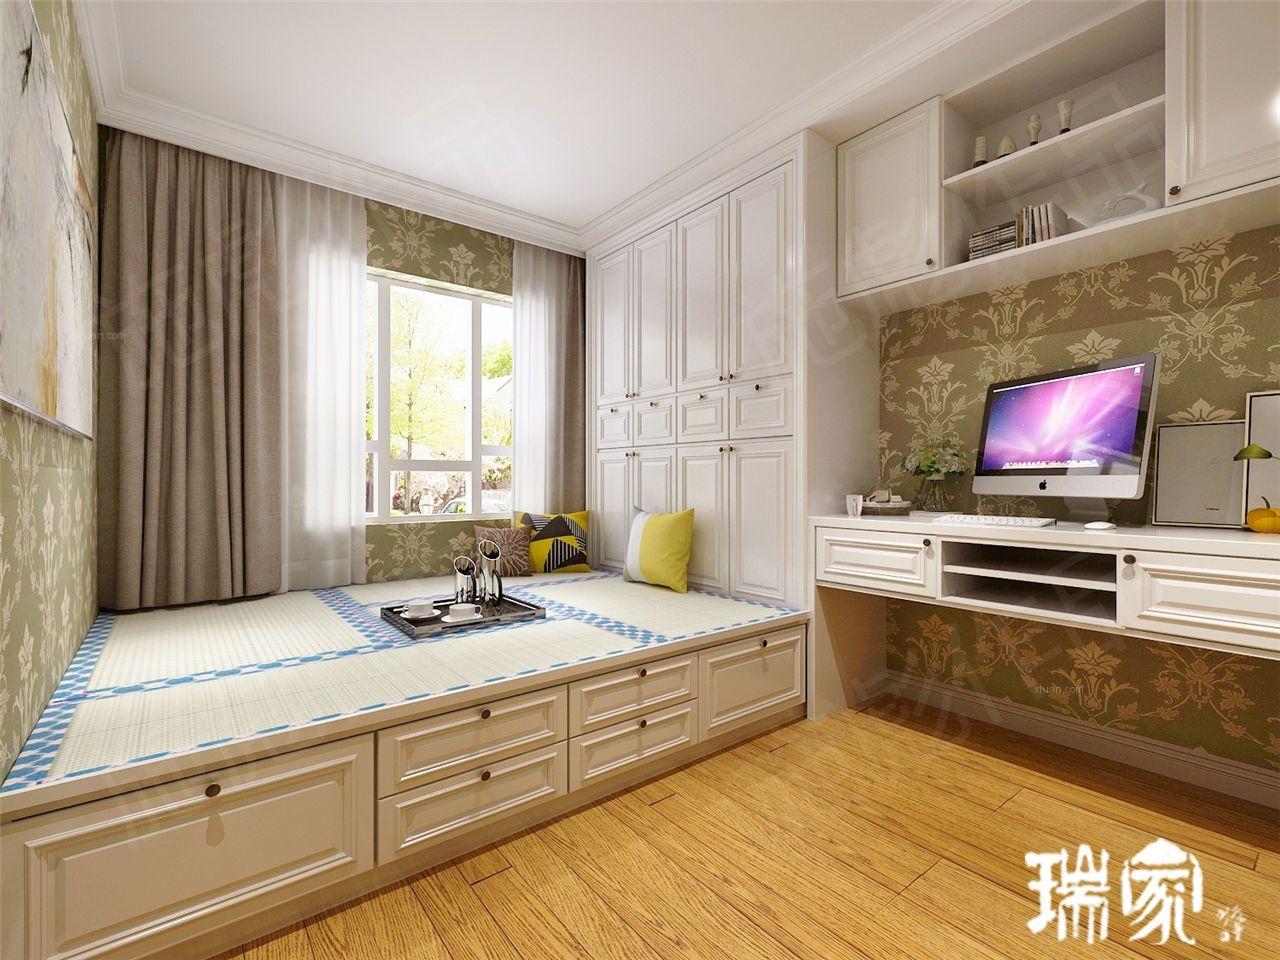 两室两厅简欧风格卧室榻榻米